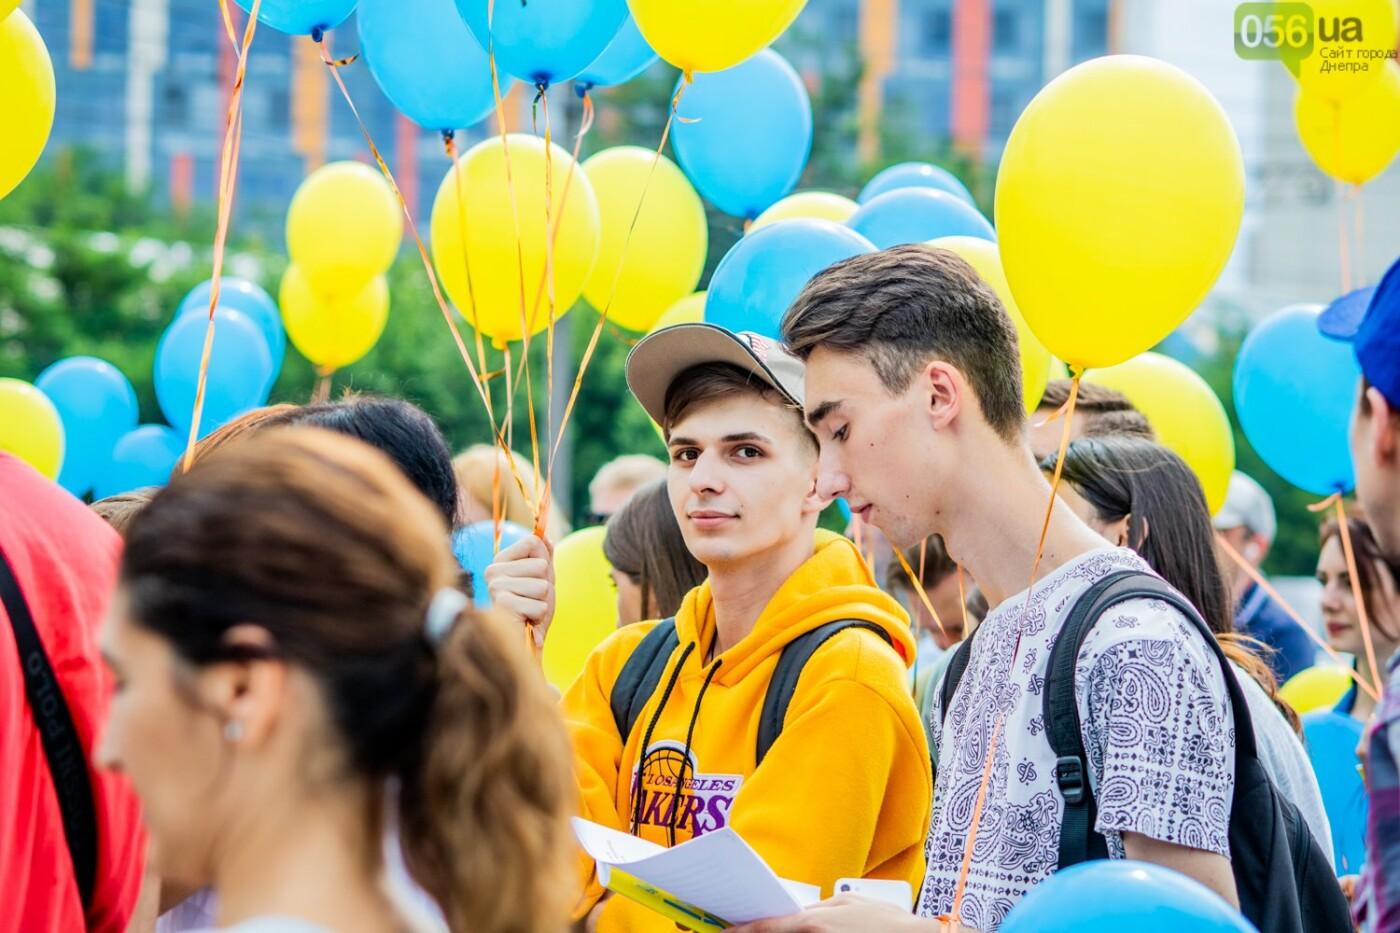 В Днепре устроили красочный флешмоб ко Дню Конституции, - ФОТОРЕПОРТАЖ, фото-11